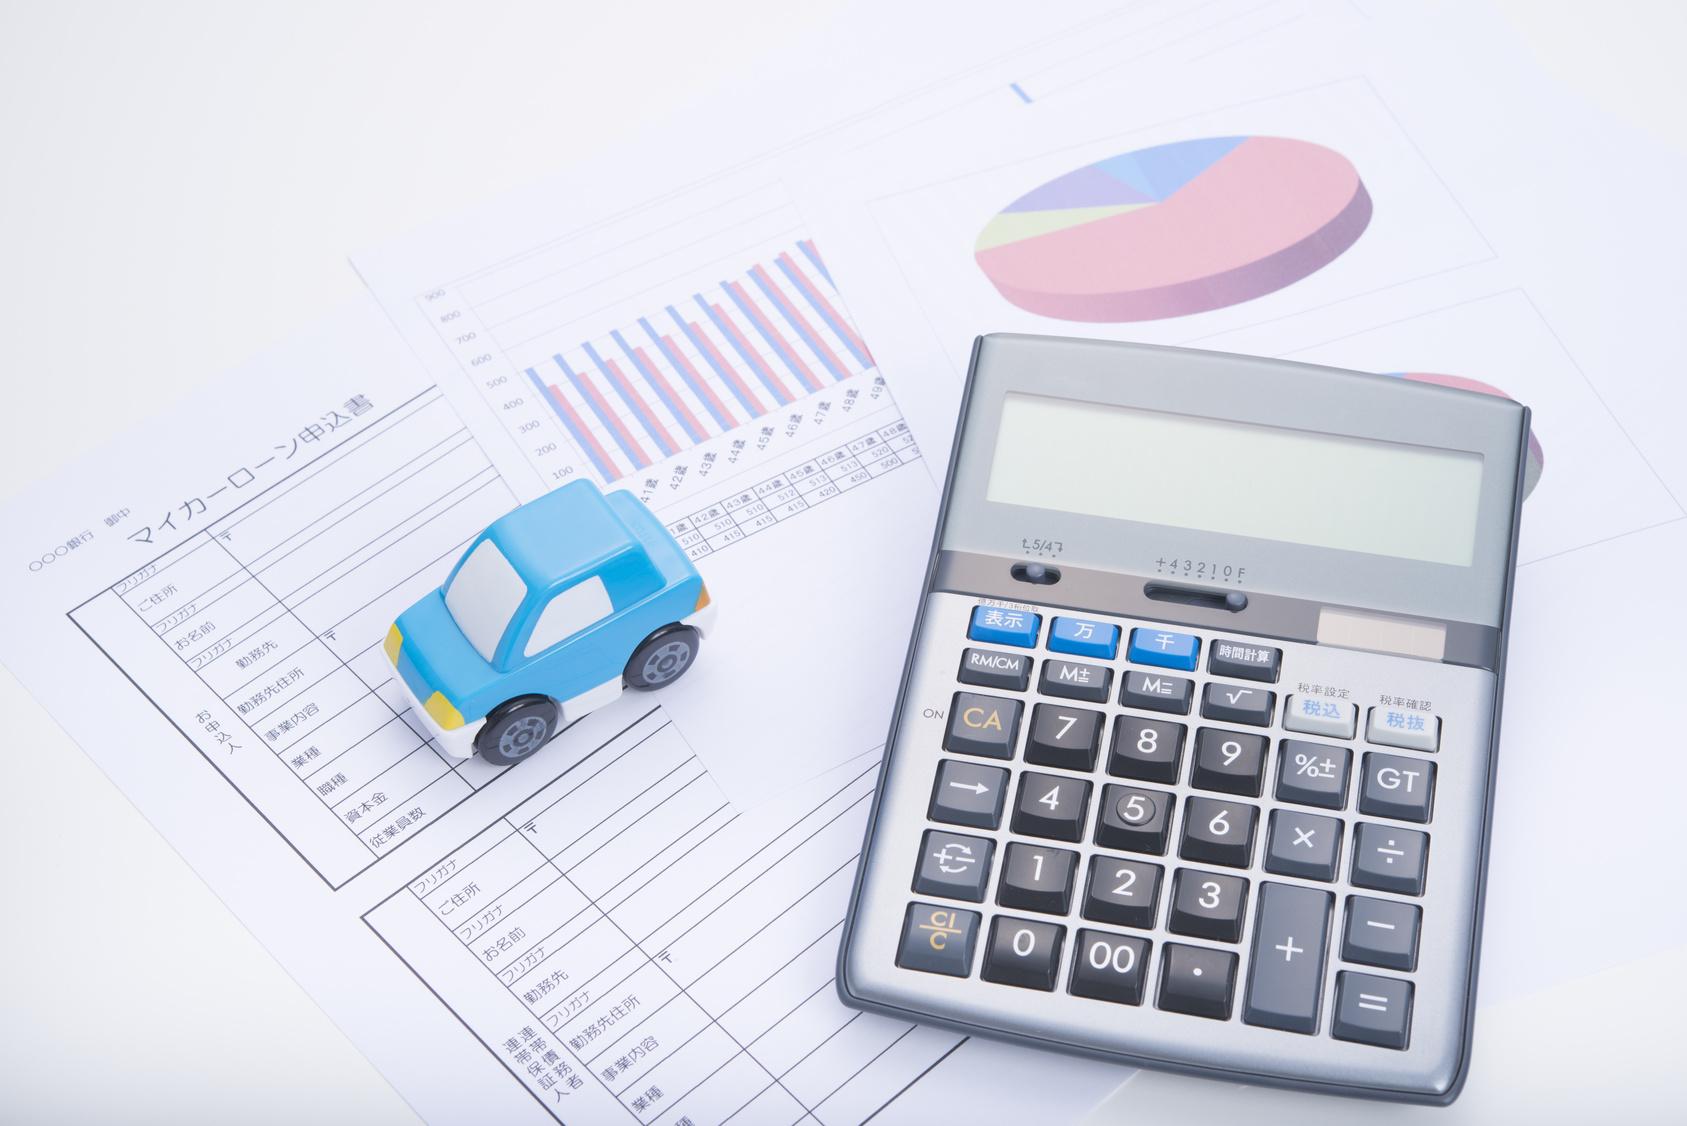 車売却時自動車税未納の場合どうなる?税金まわりの注意点!